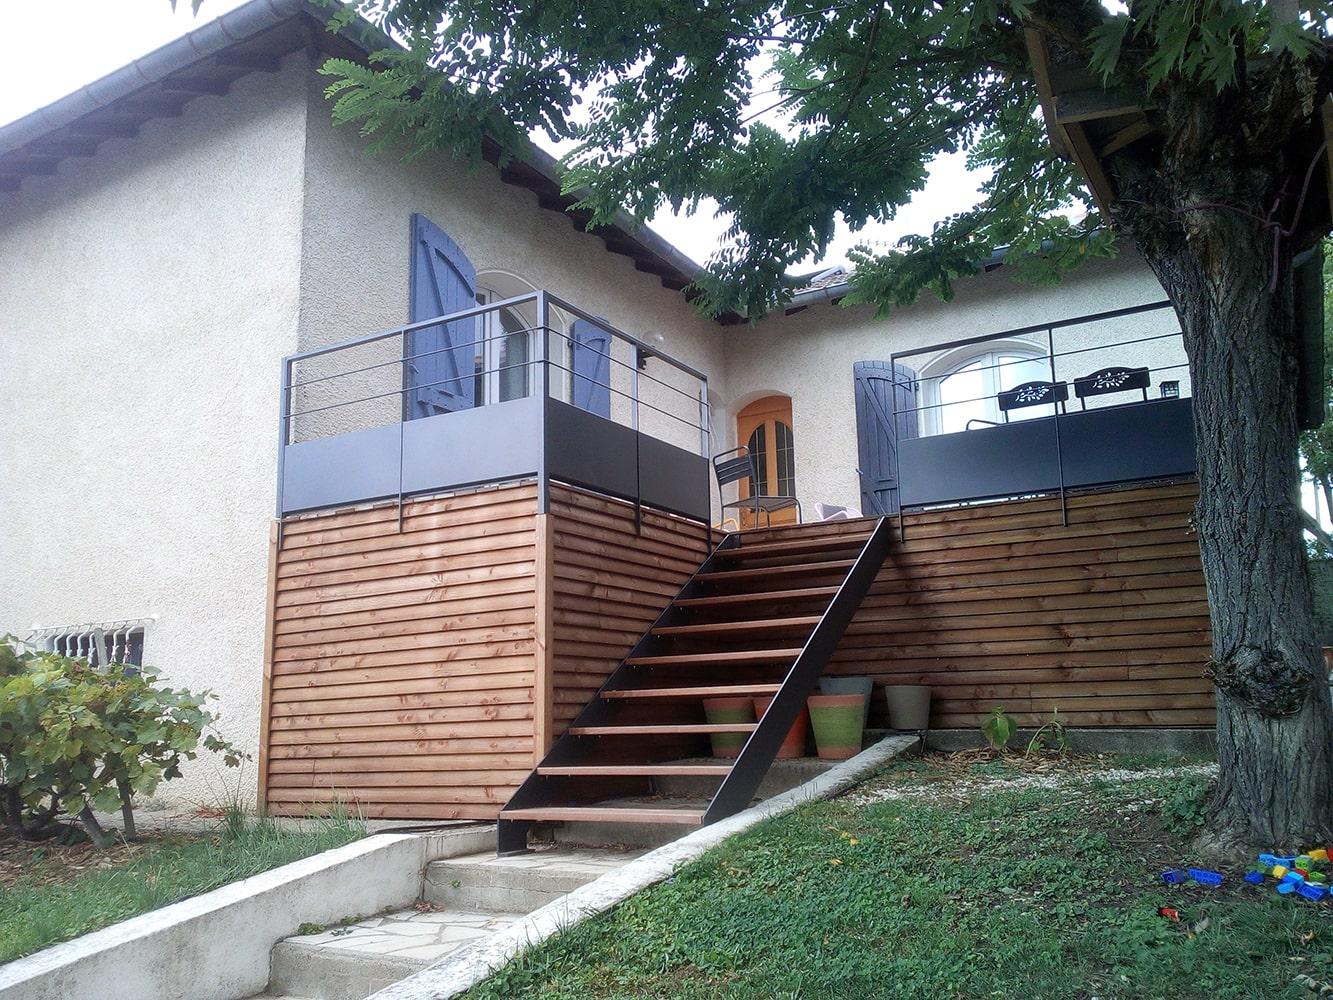 Escalier métallique droit extérieur